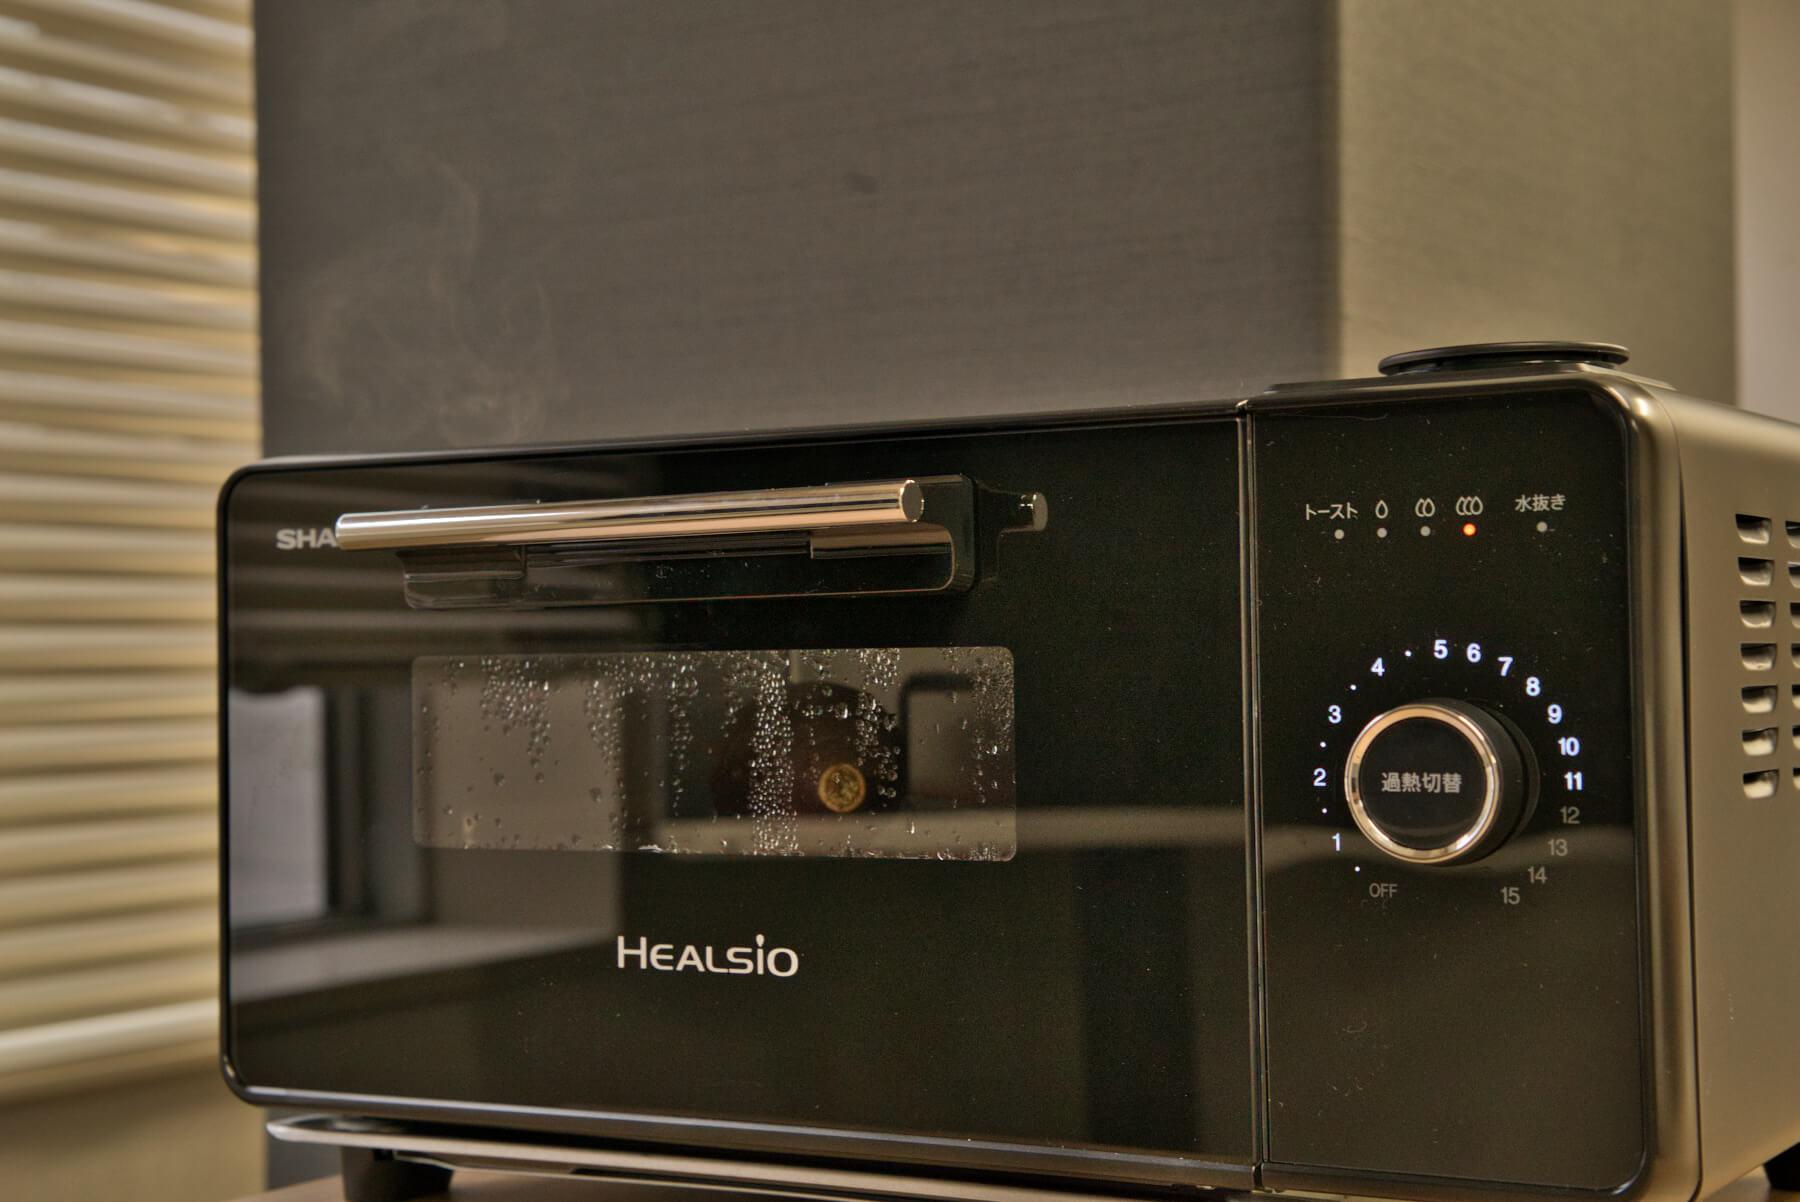 5種類の人気オーブントースターで焼き芋作り検証 調理中の様子